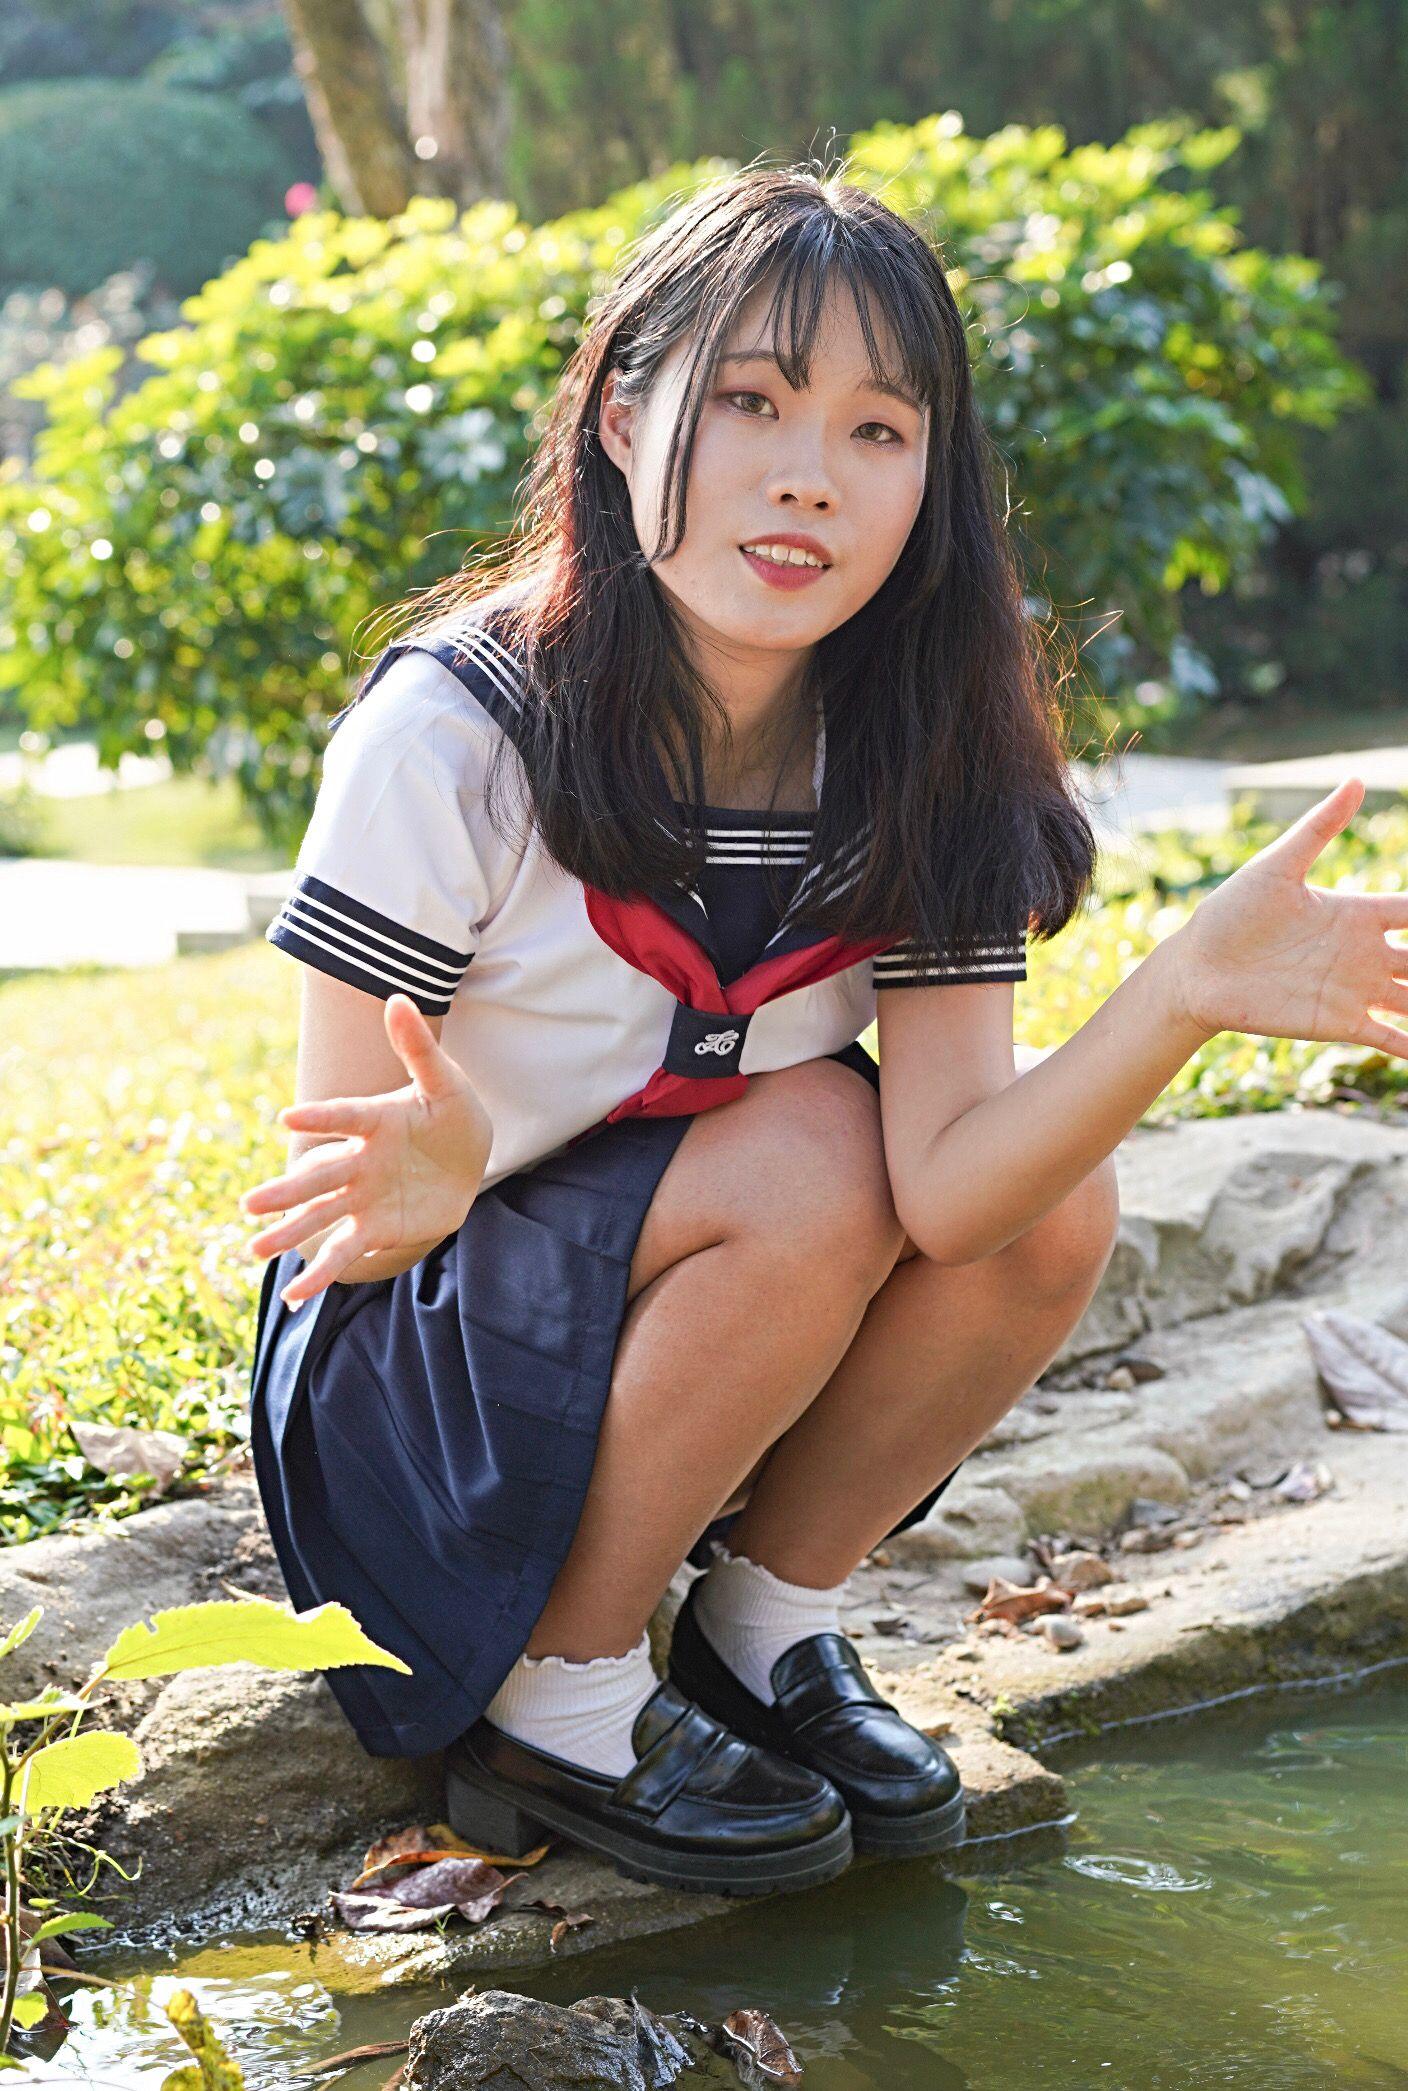 通学途中のロリJKが学校内で撮られた天然美脚の画像